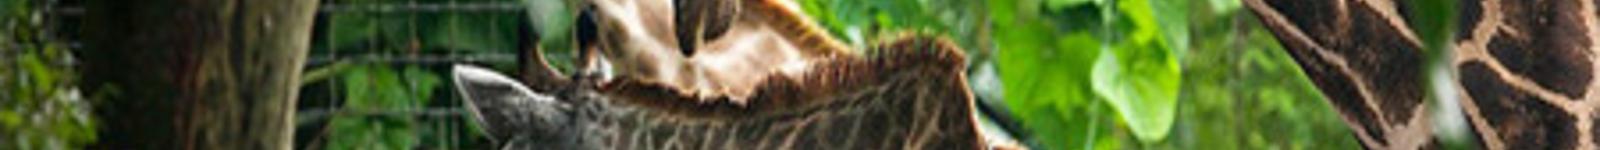 """动物以及飞禽,施展它们的天然才能""""保卫""""它们平静的热带雨林家园免遭"""